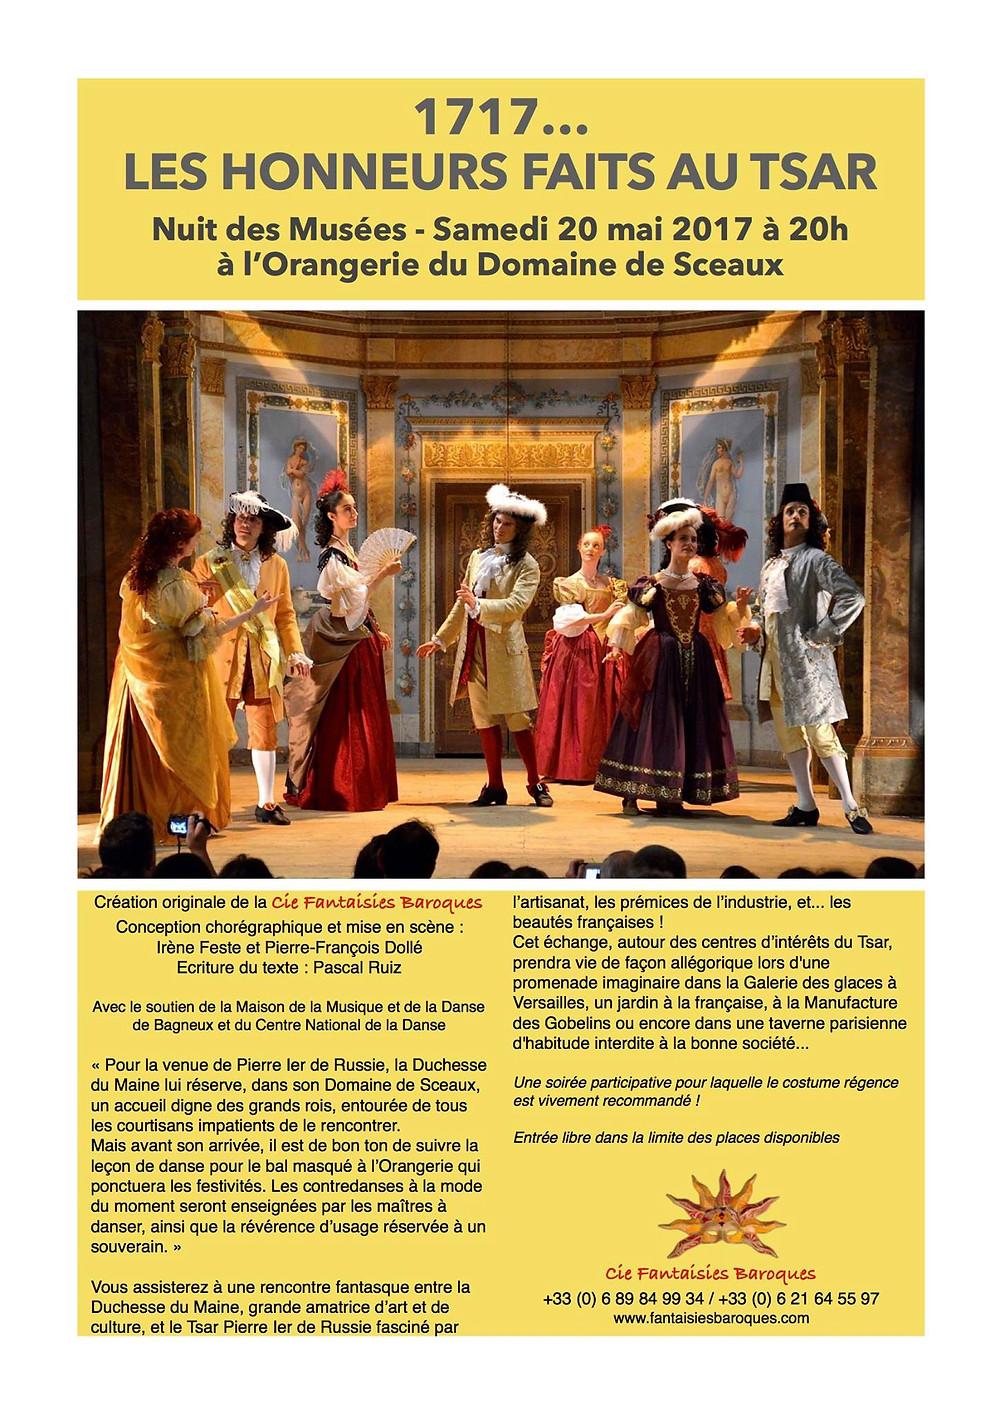 """Création de la Cie Fantaisies Baroques à l'occasion de la Nuit des Musées au Domaine de Sceaux : """"1717, Les Honneurs faits au Tsar""""."""